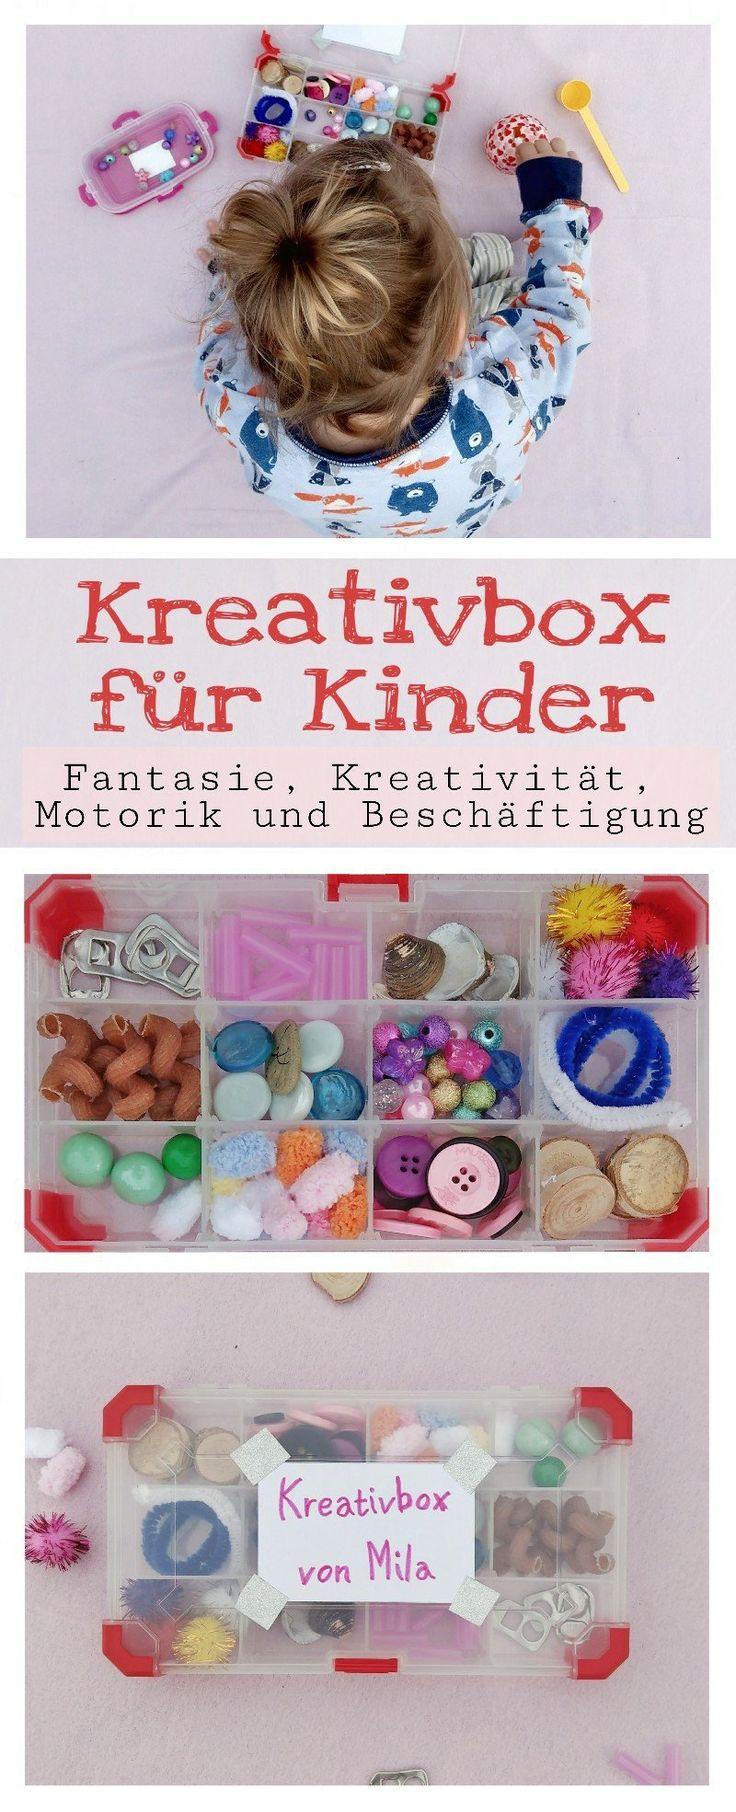 Kreativbox zur Beschäftigung von Baby und Kind: Idee zum Fördern der Fantasie und Feinmotorik – Aktionen für Kinder